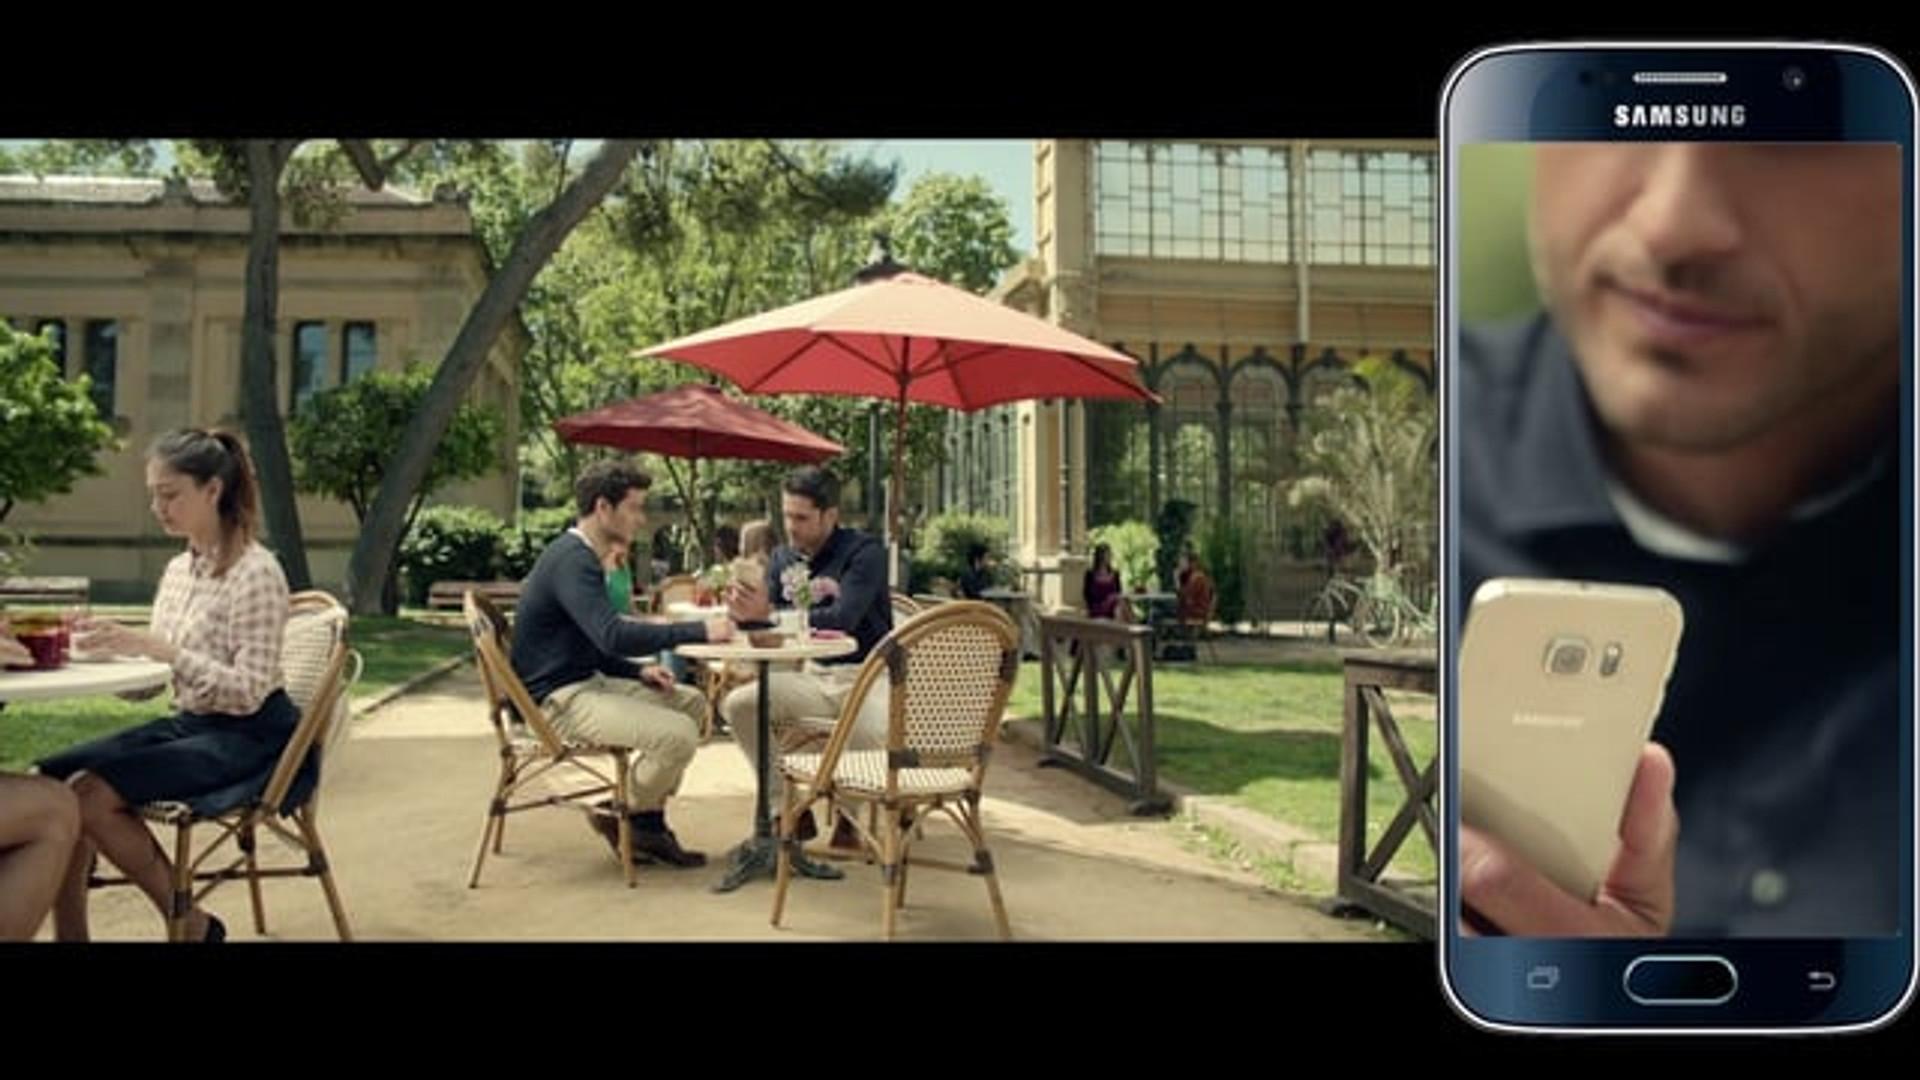 SAMSUNG GALAXY 'Clues - Dual' SCreen